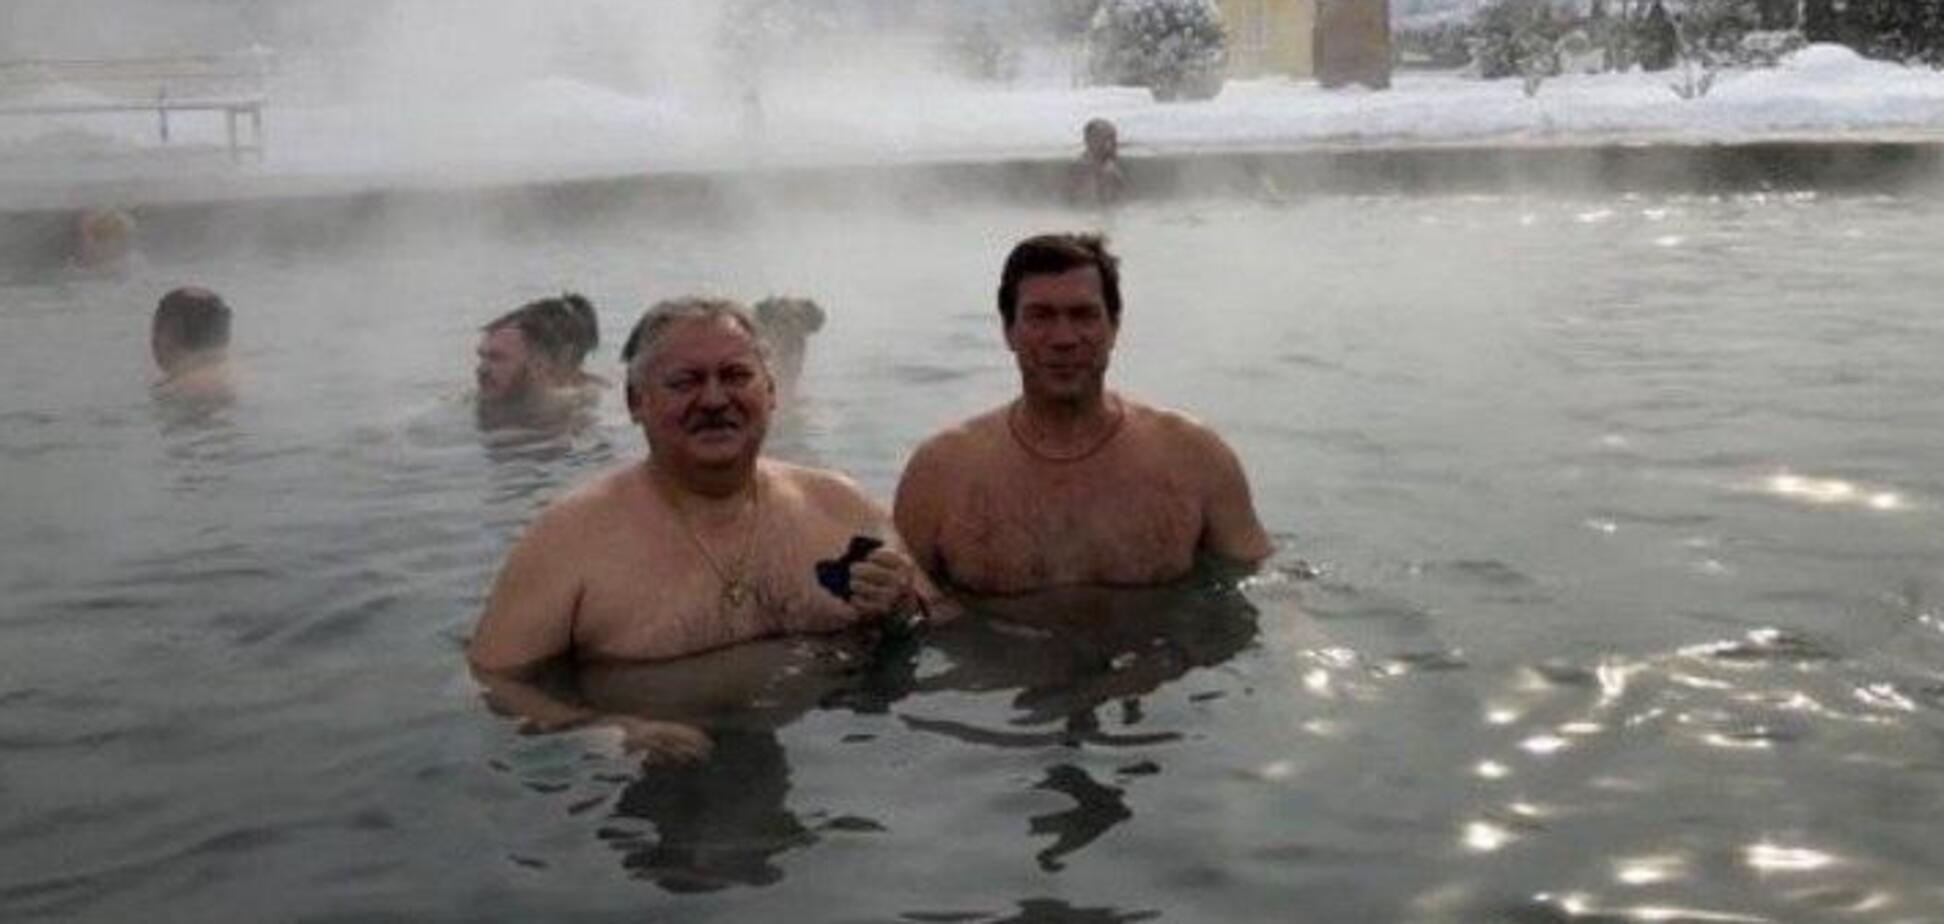 Царьов похвалився купанням з депутатом Держдуми. Джерело: Telegram-канал ''AllГолобуцькій''